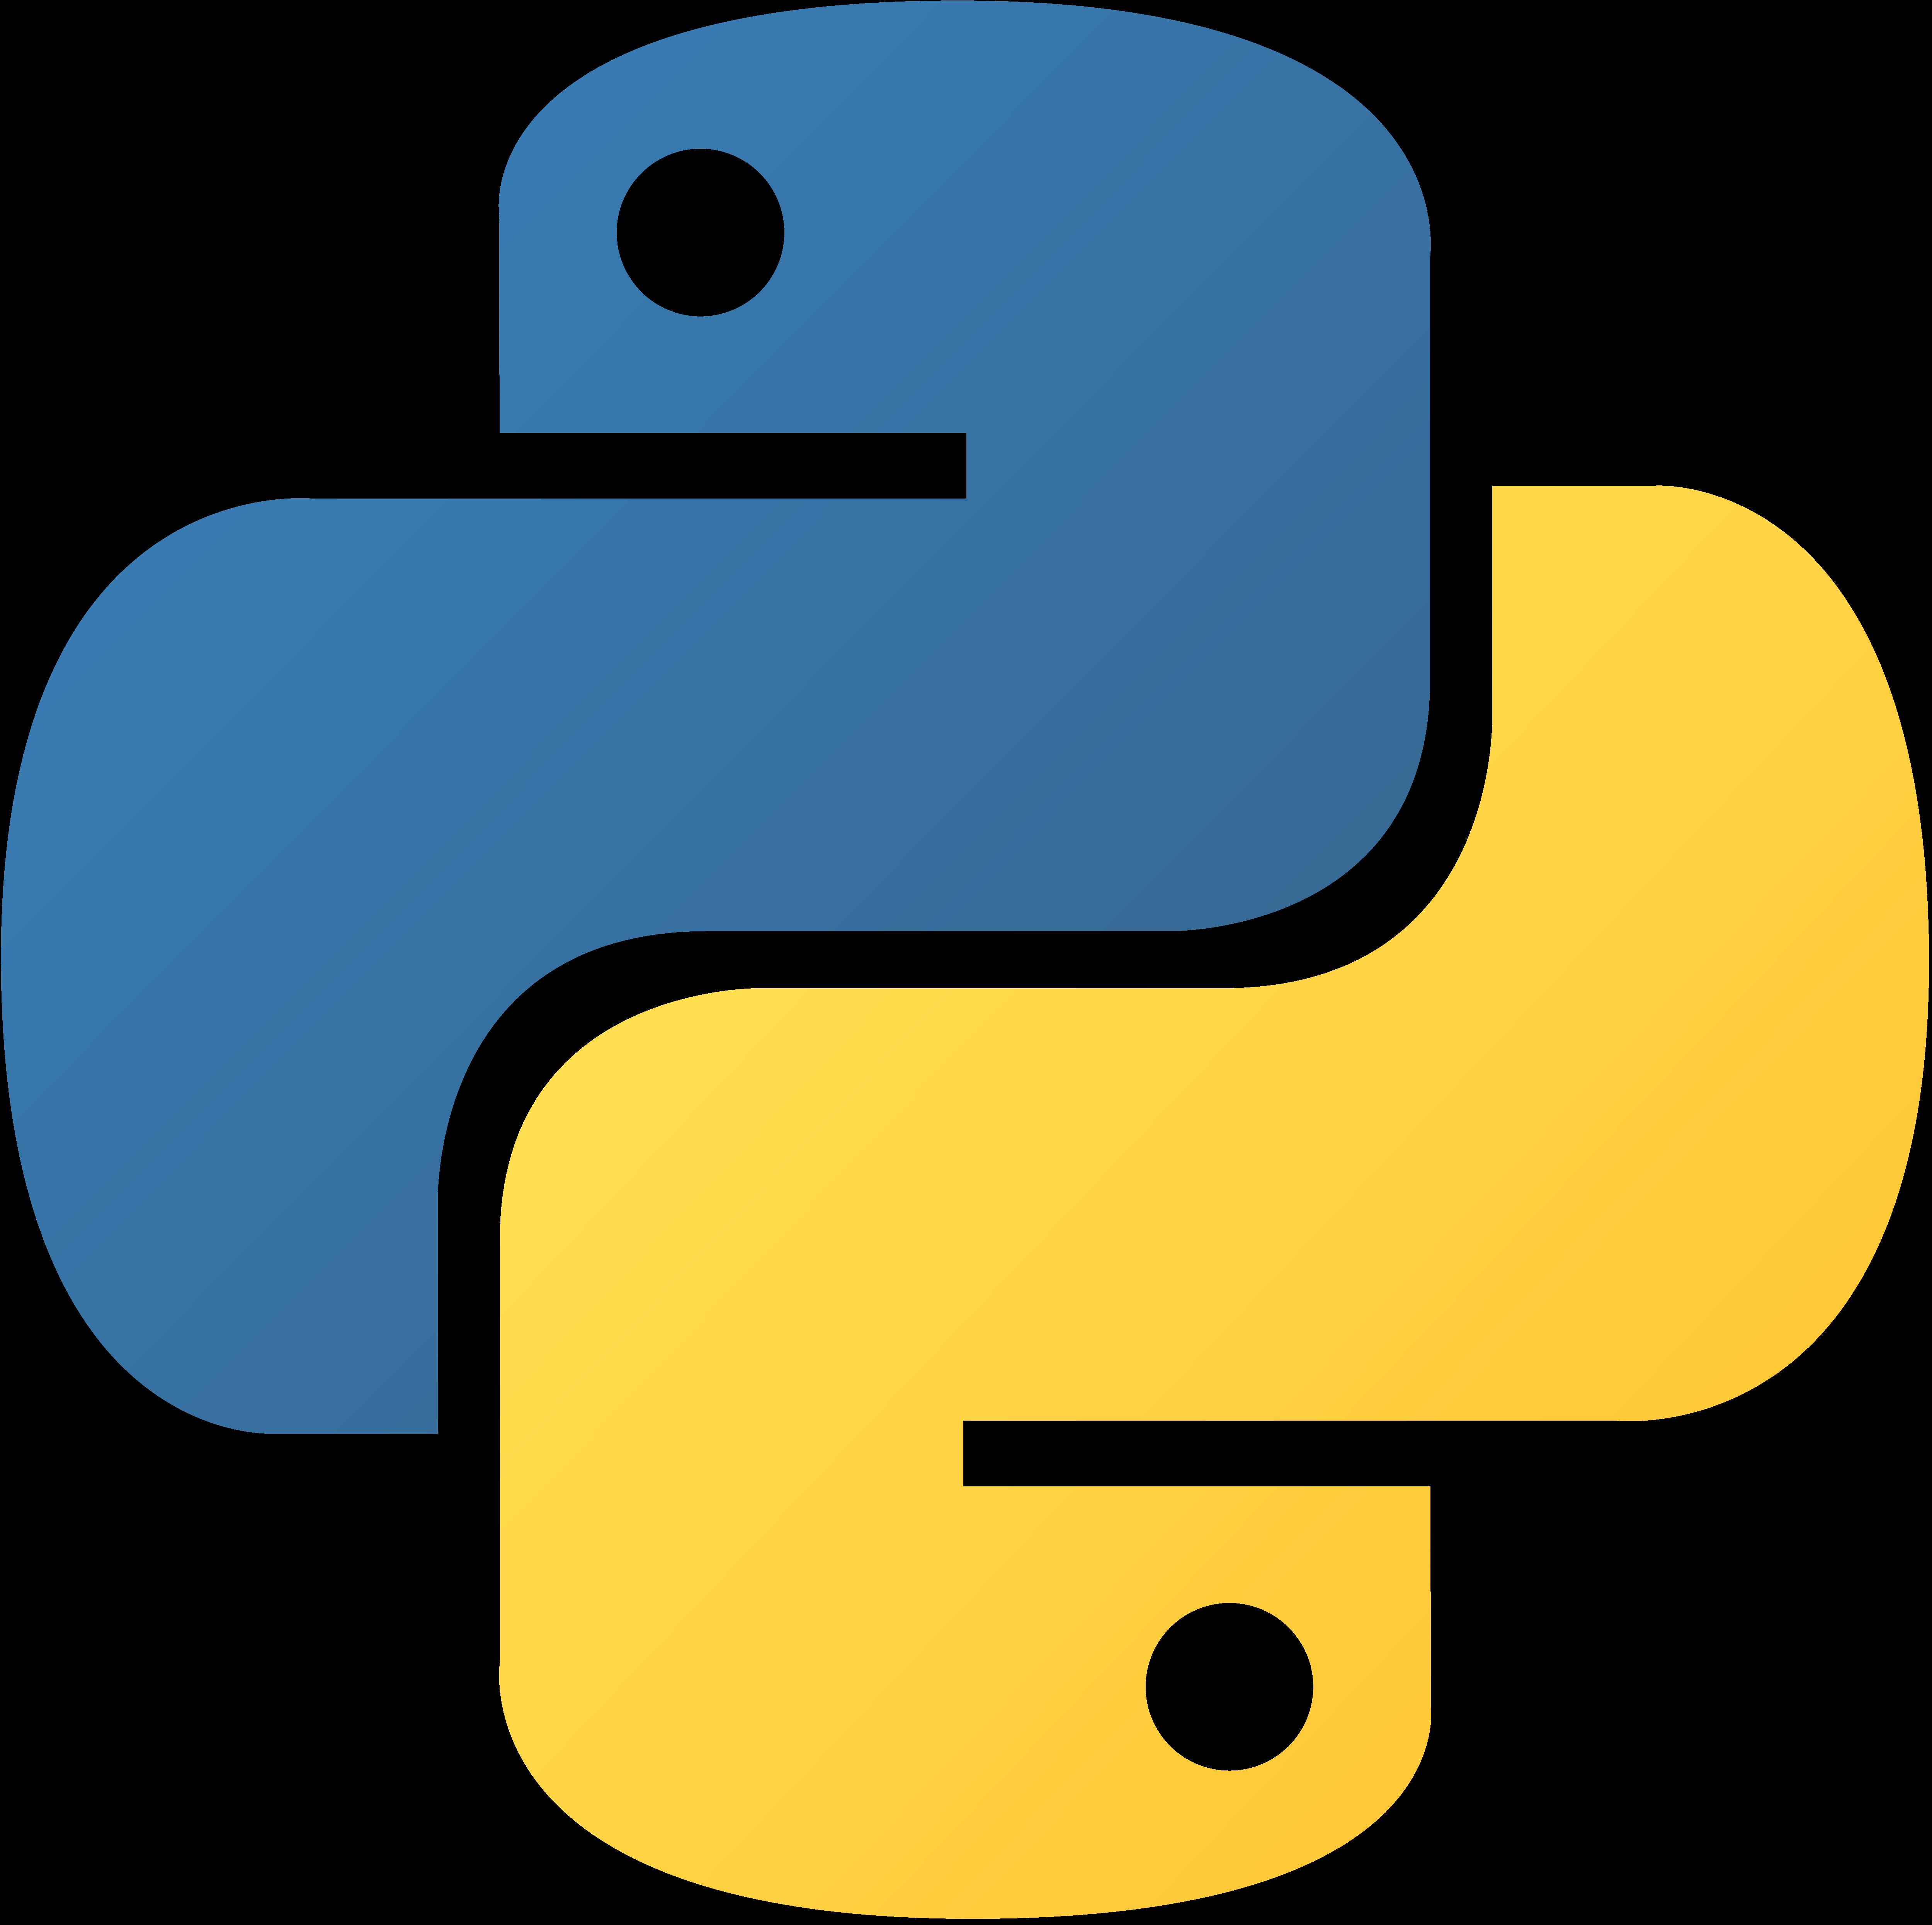 Python - Logos Download